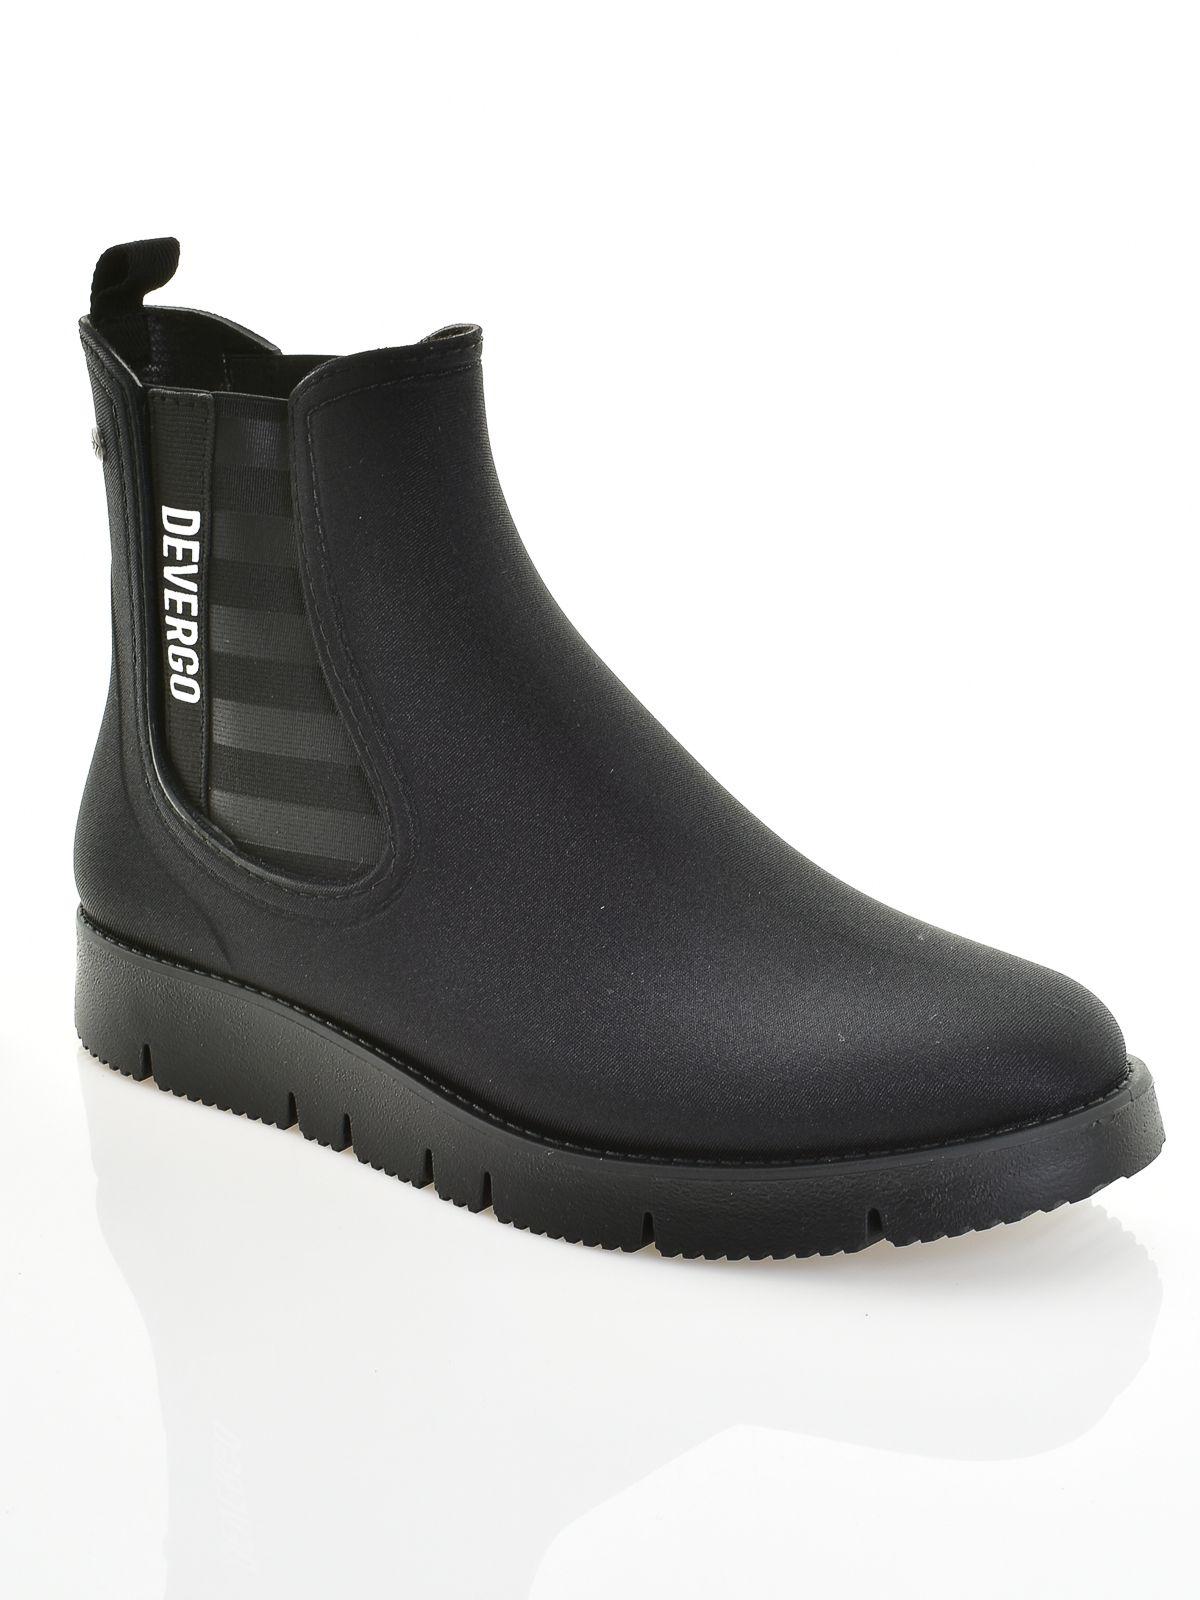 Női - Cipő Devergo - fekete  54a802e7fc